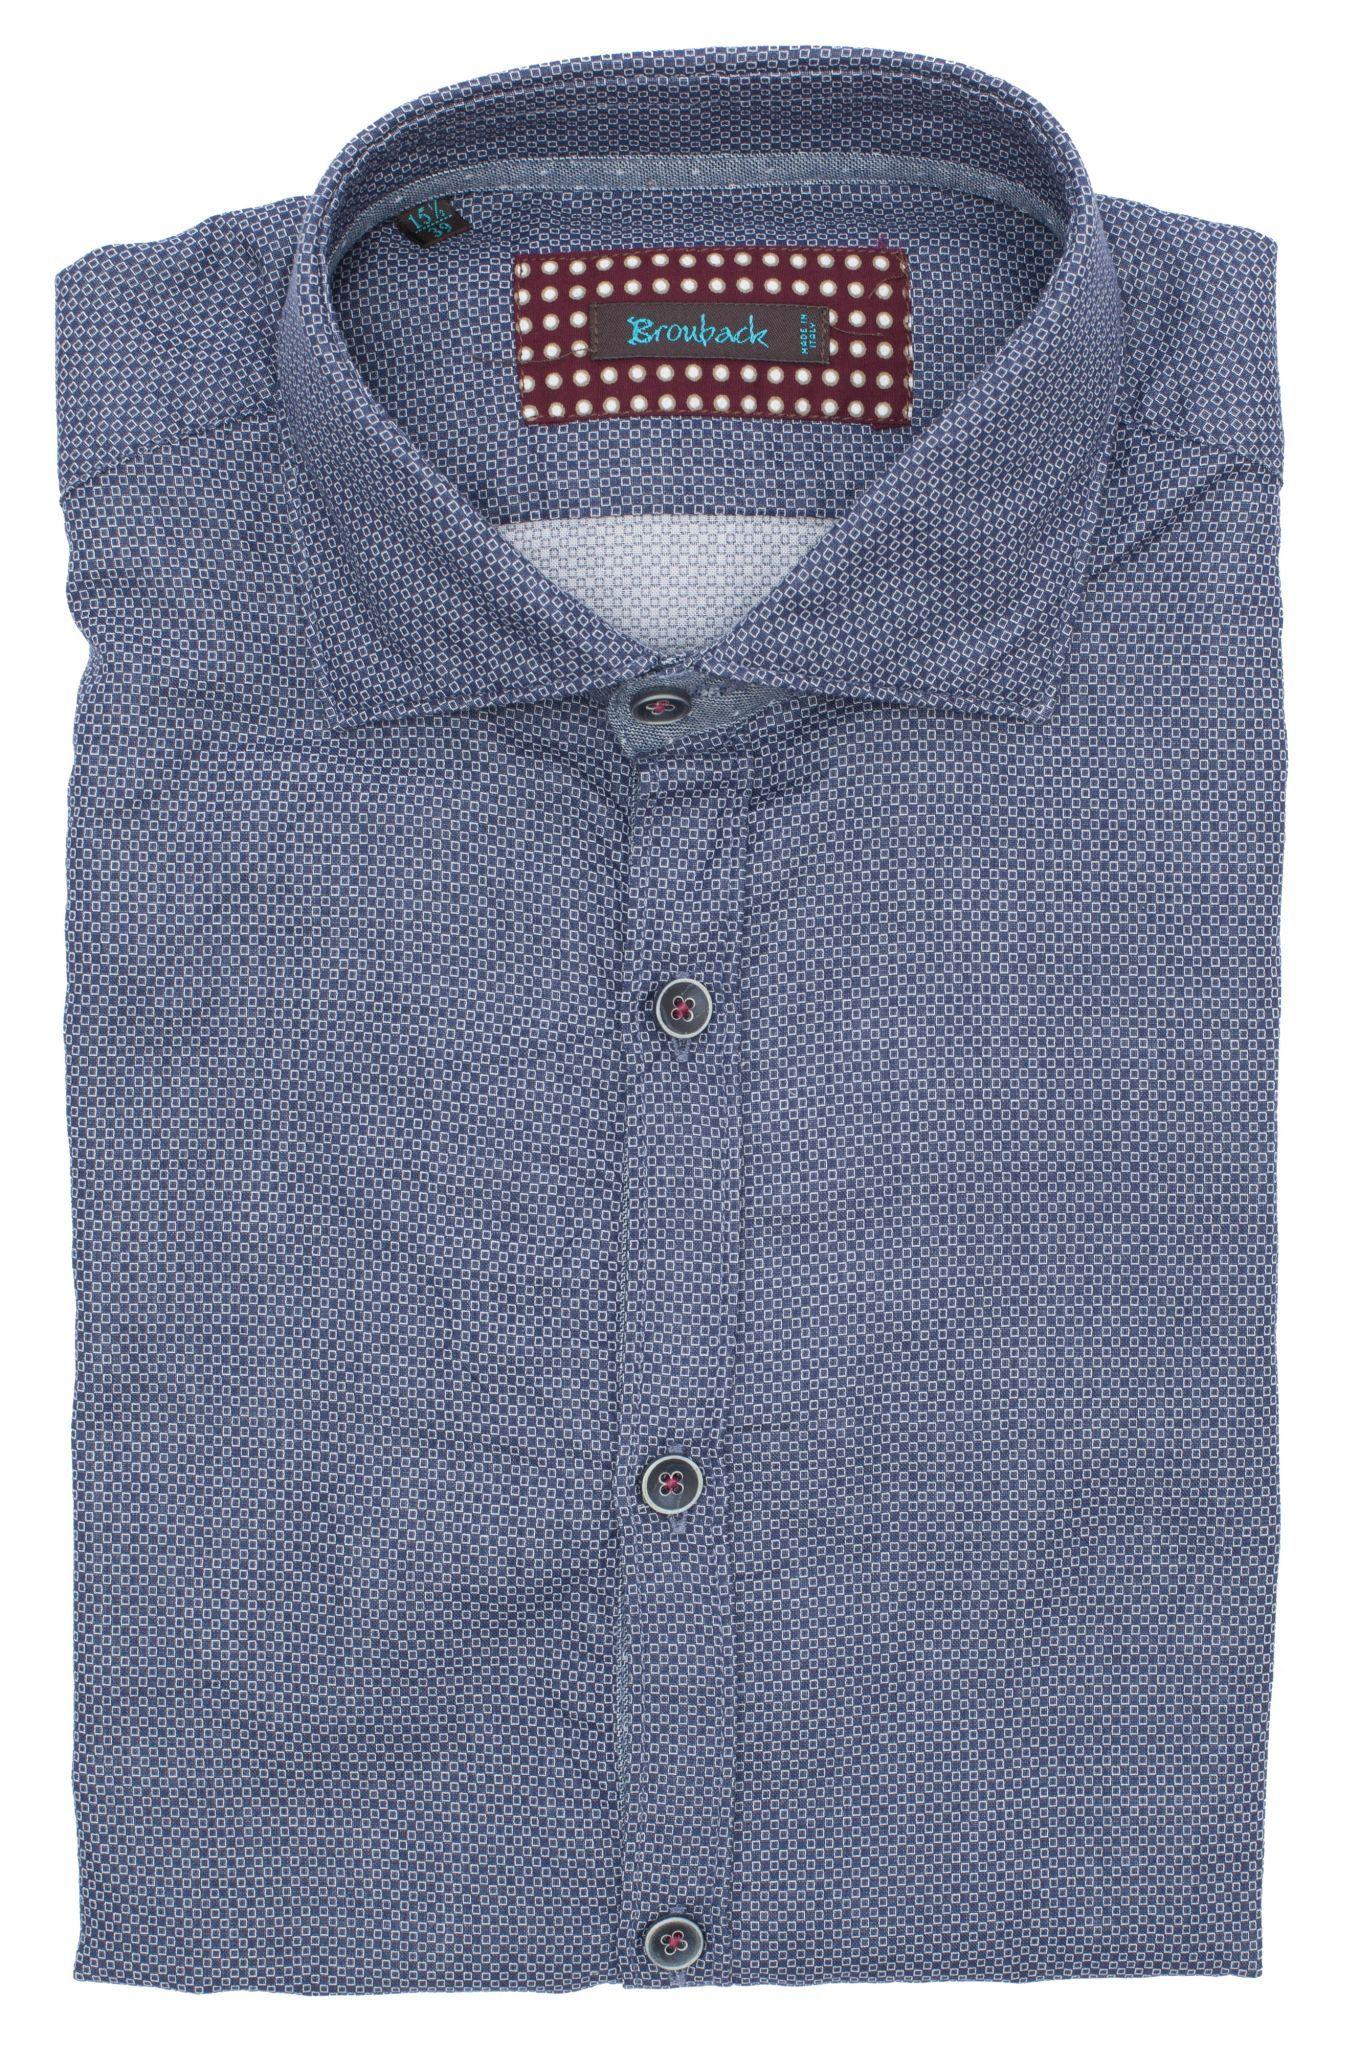 Синяя рубашка с геометрическим узором в очень мелкий белый квадрат